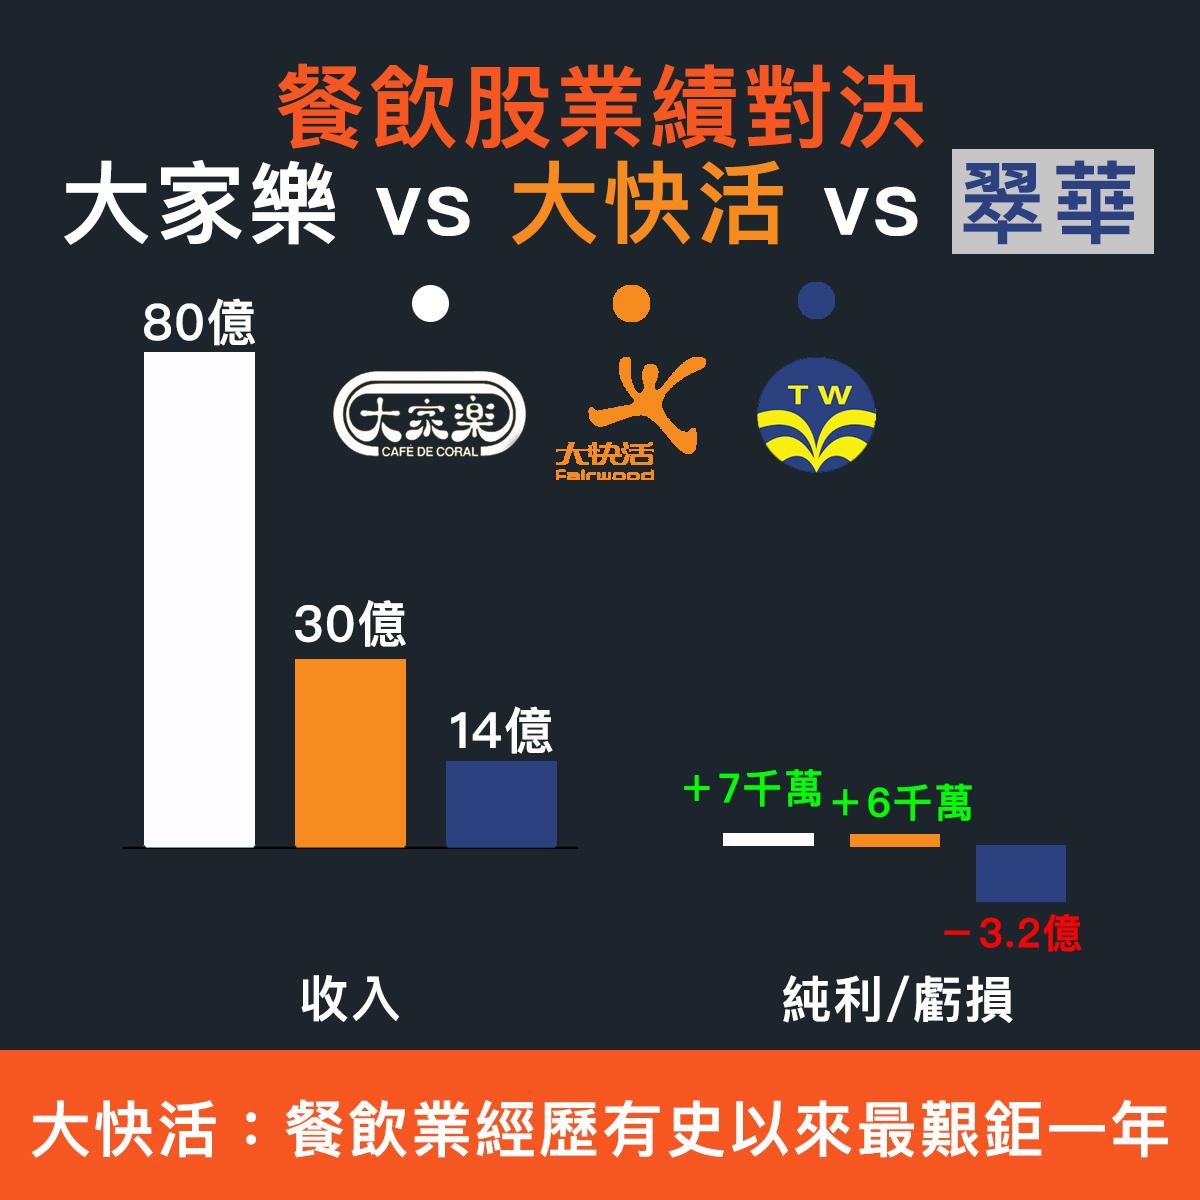 【財報分析】餐飲股業績對決,大家樂 vs 大快活 vs 翠華!